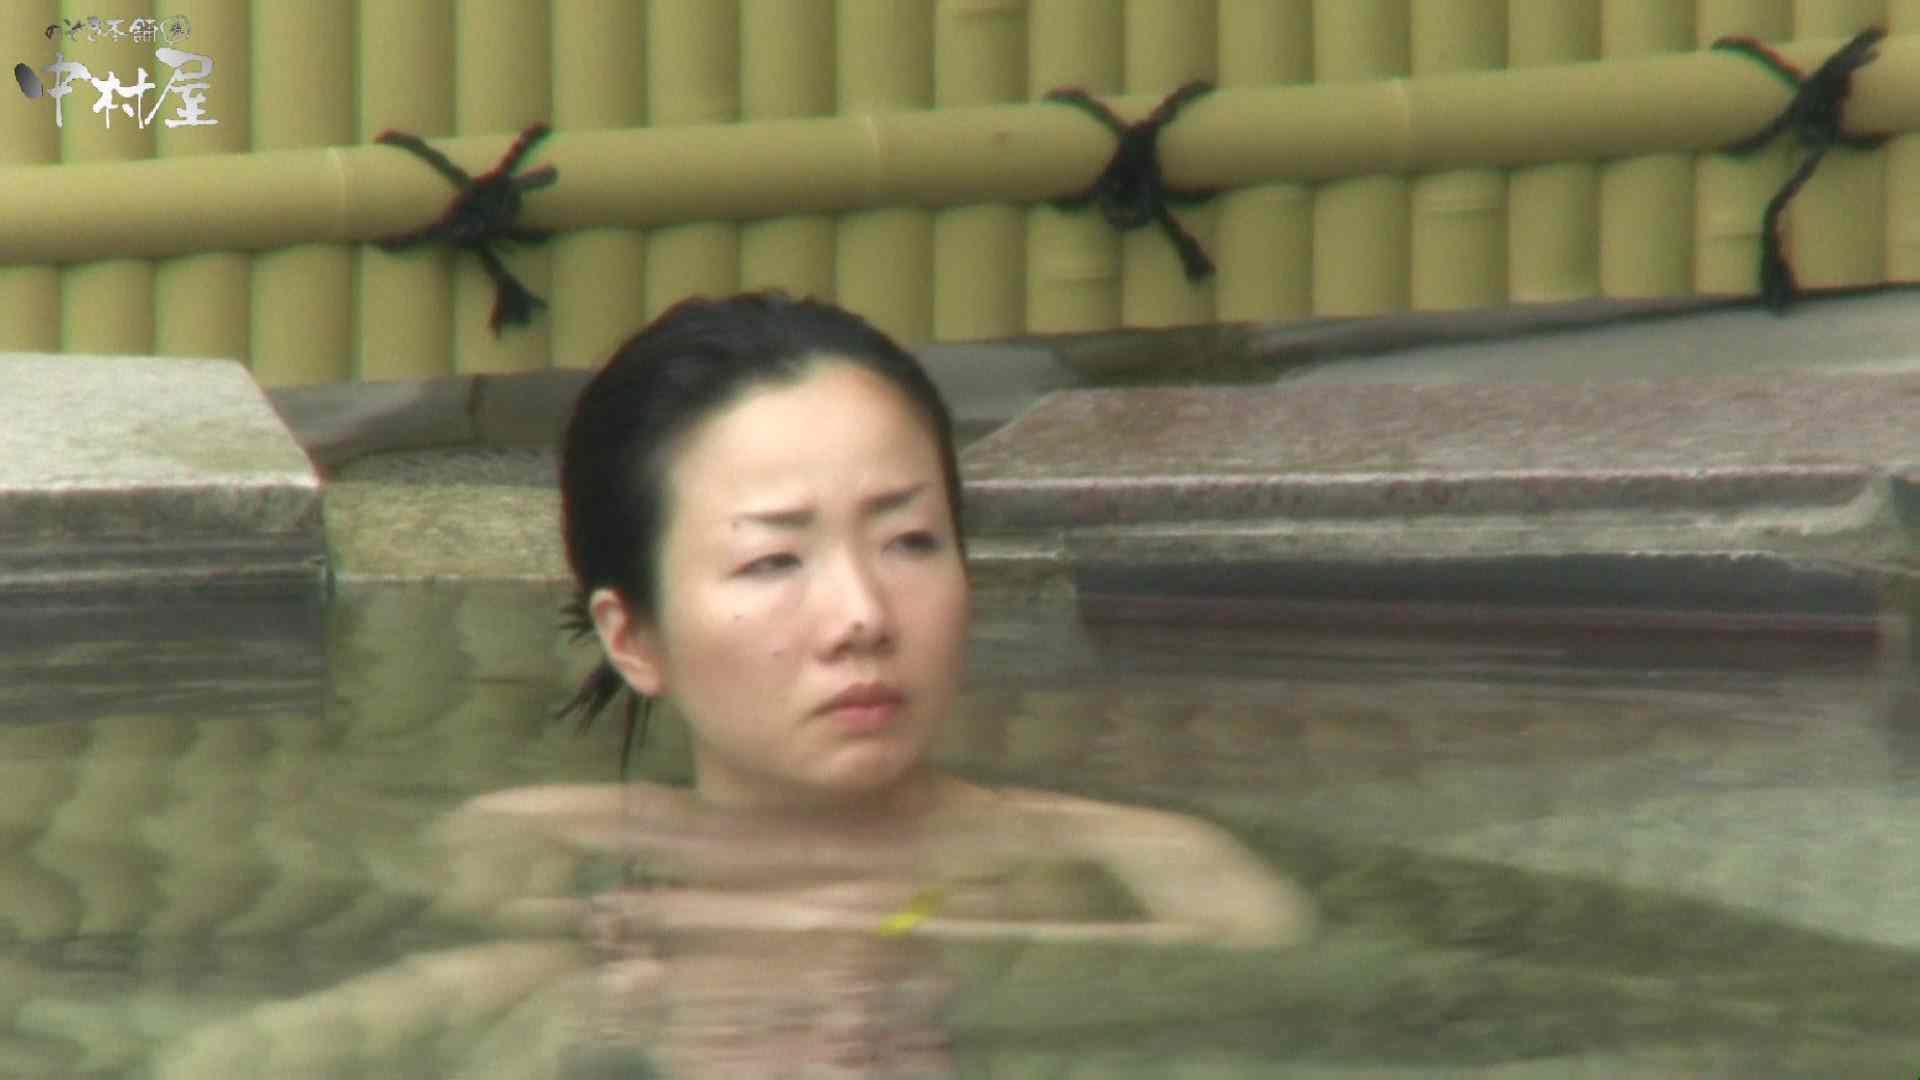 Aquaな露天風呂Vol.950 盗撮シリーズ  80PIX 20